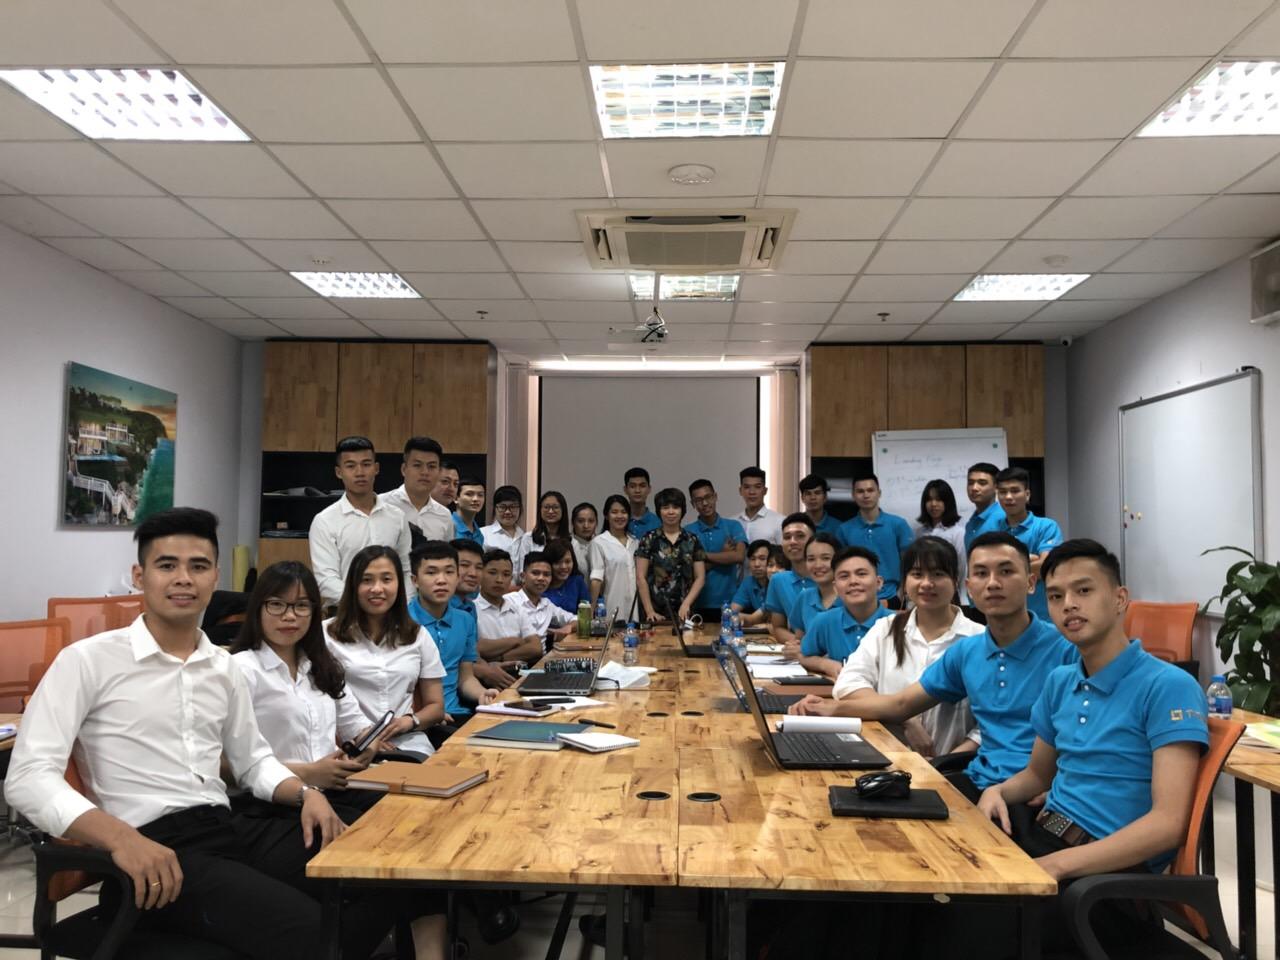 Khóa học căn bản cho Sale BĐS mới vào nghề do chị Nguyễn Thị Liên Dung trực tiếp đào tạo